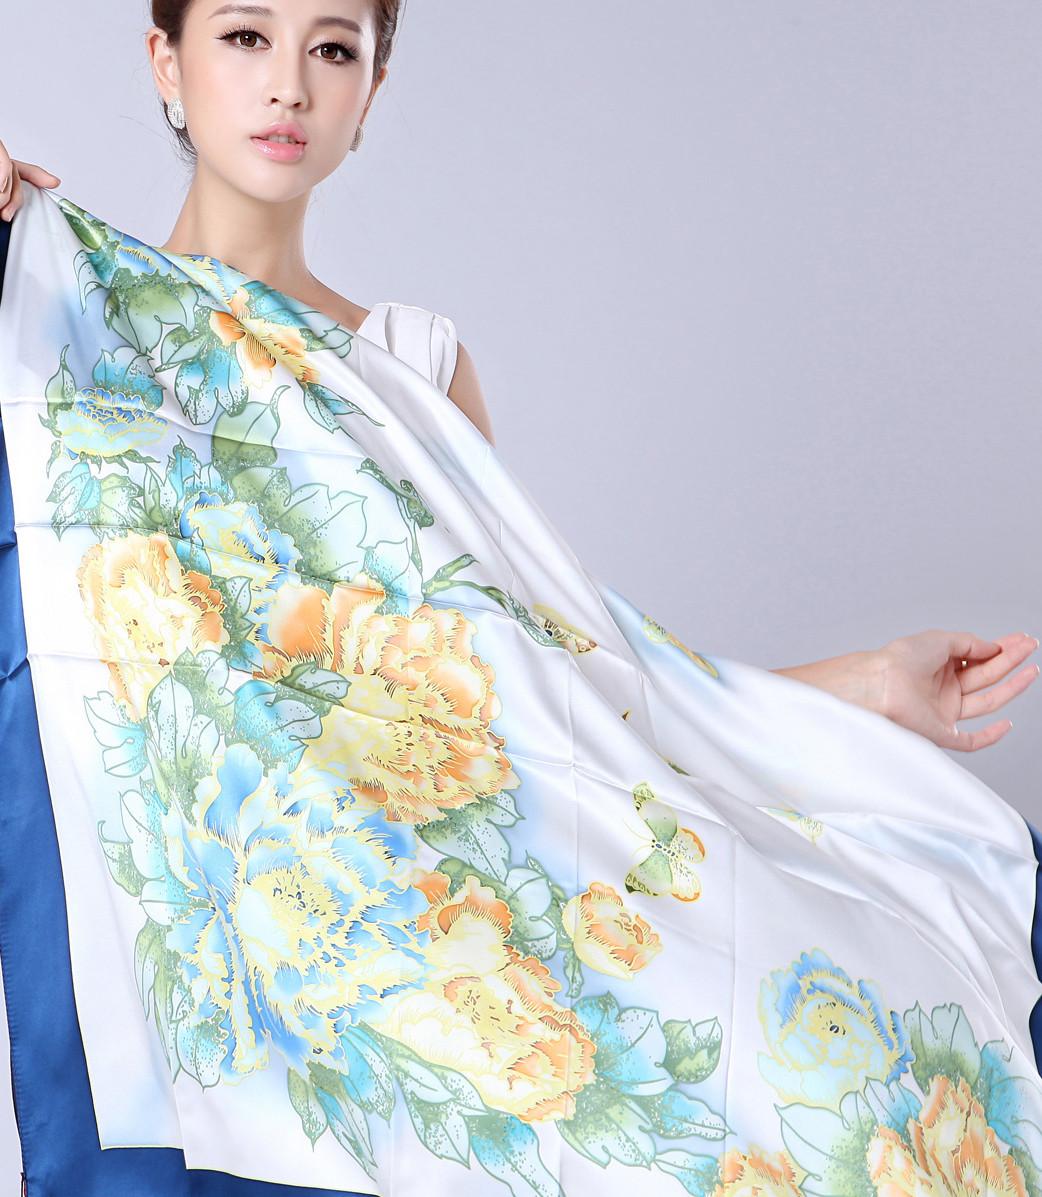 优惠的中国印象冬系羊毛丝巾批发